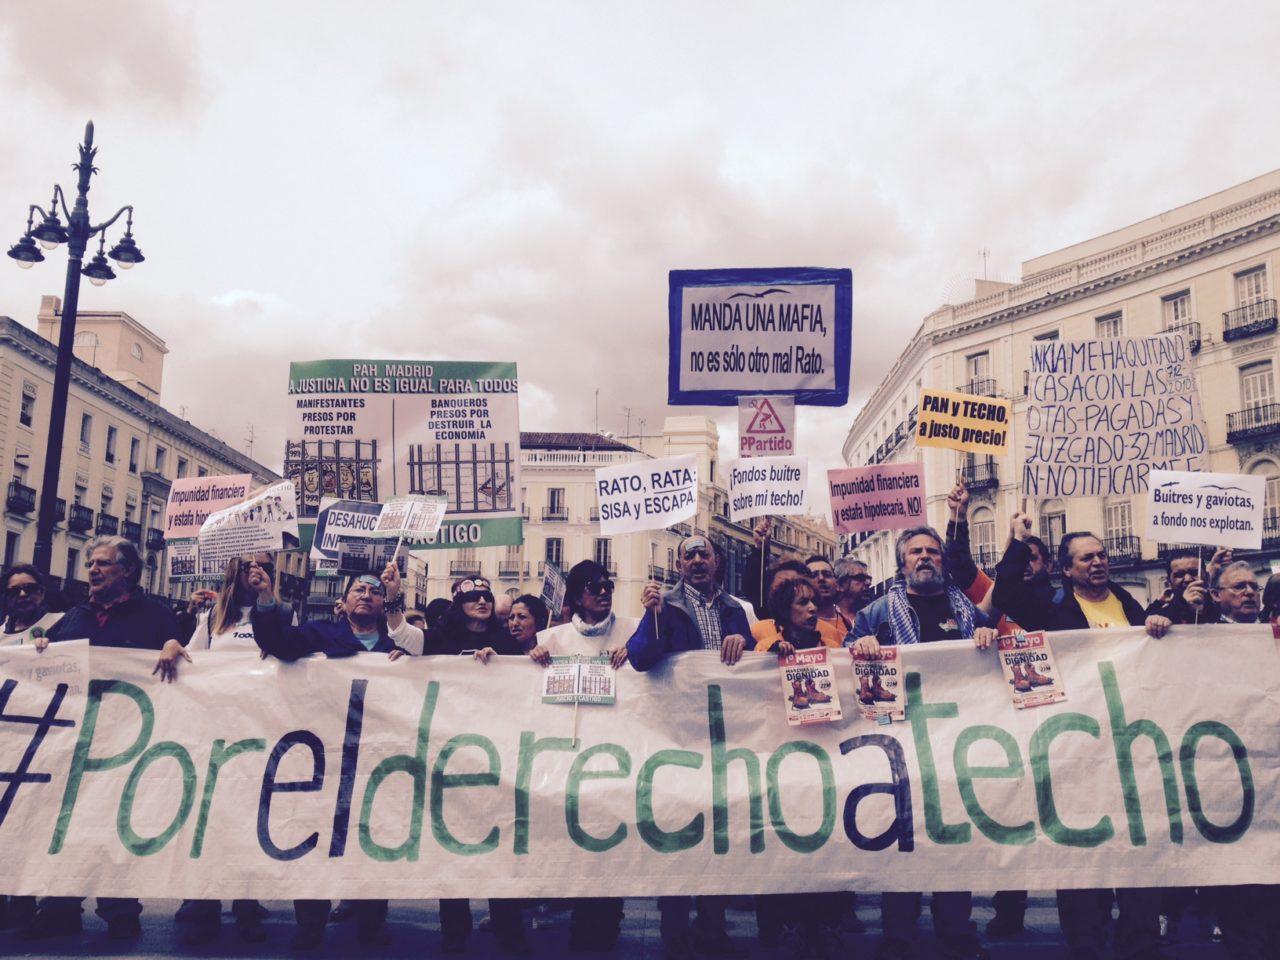 Familias afectadas por los desahucios y por la venta de viviendas públicas salieron a la calle por el Derecho a Techo